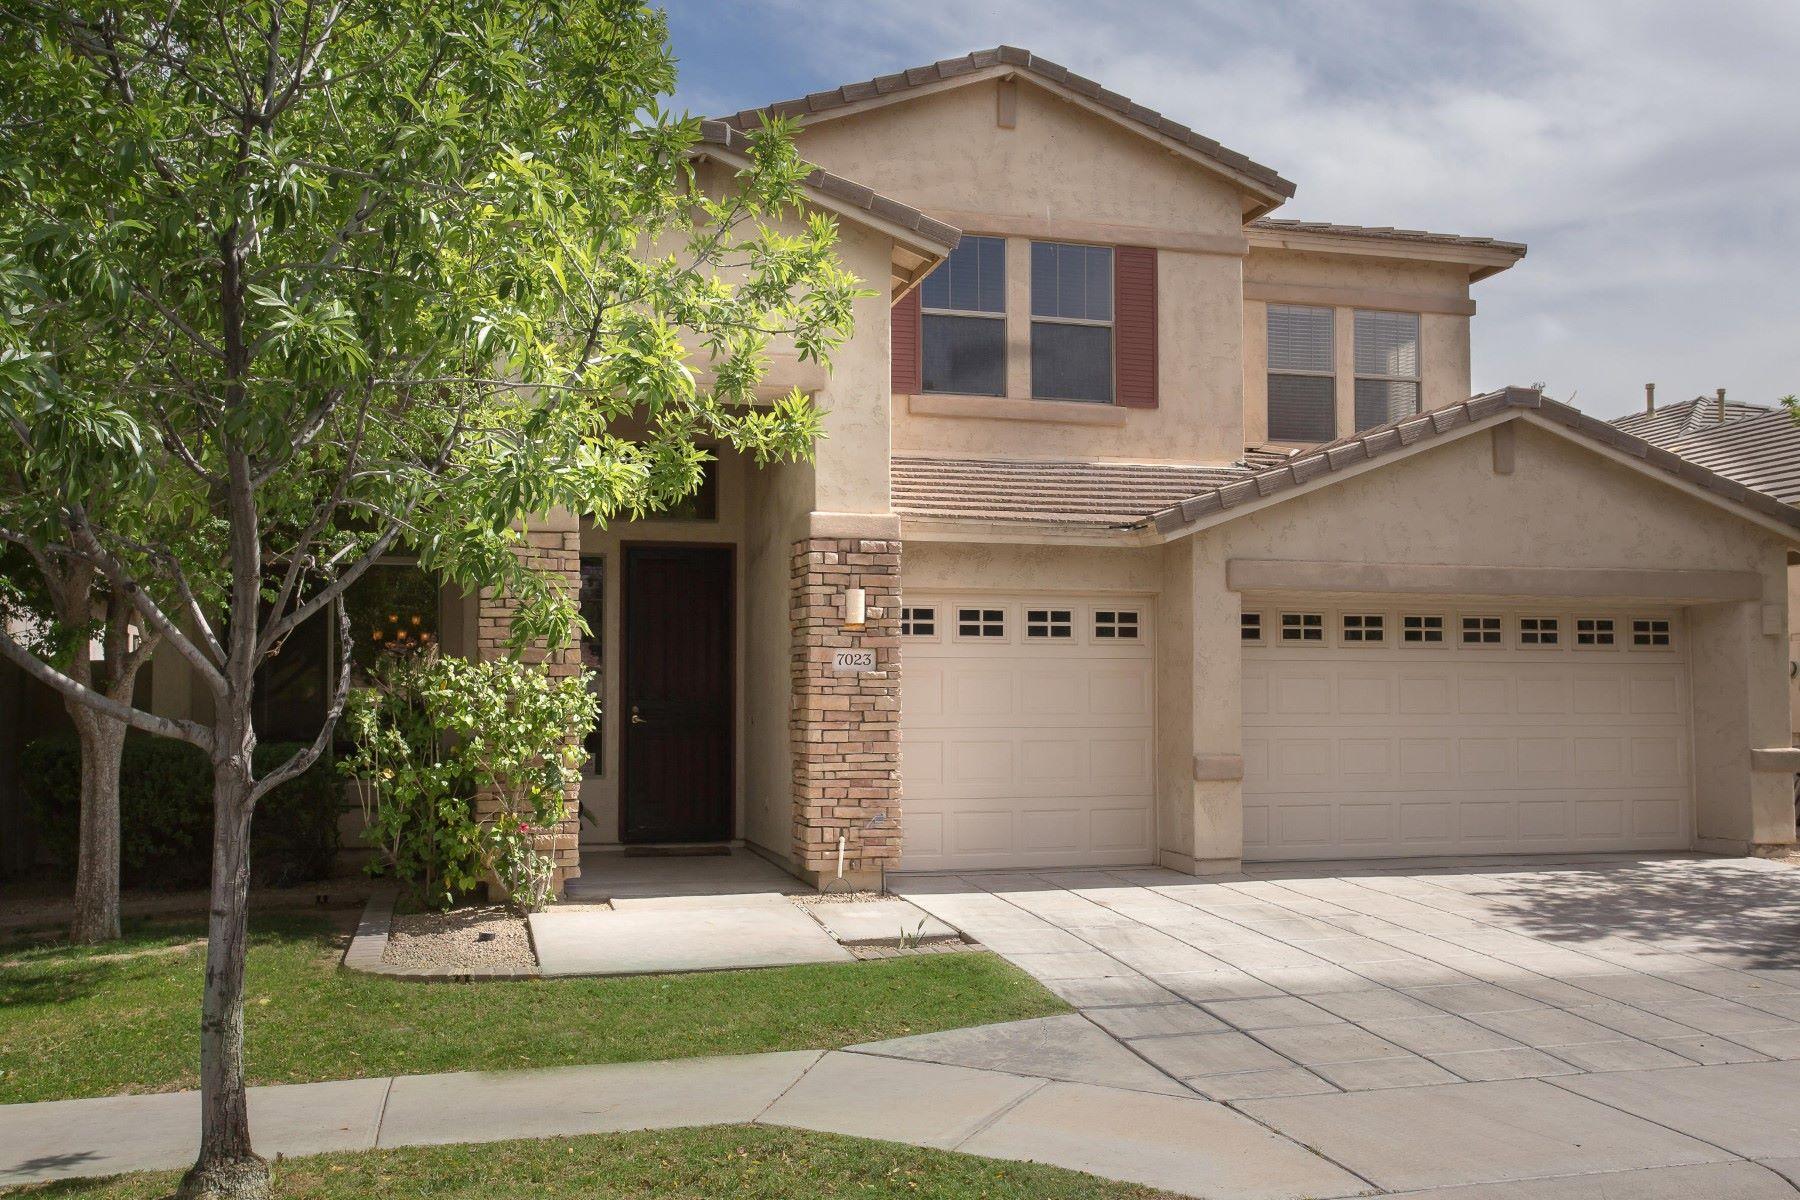 Частный односемейный дом для того Продажа на Gorgeous move-in ready home in Phoenix 7023 S 24TH PL Phoenix, Аризона, 85042 Соединенные Штаты